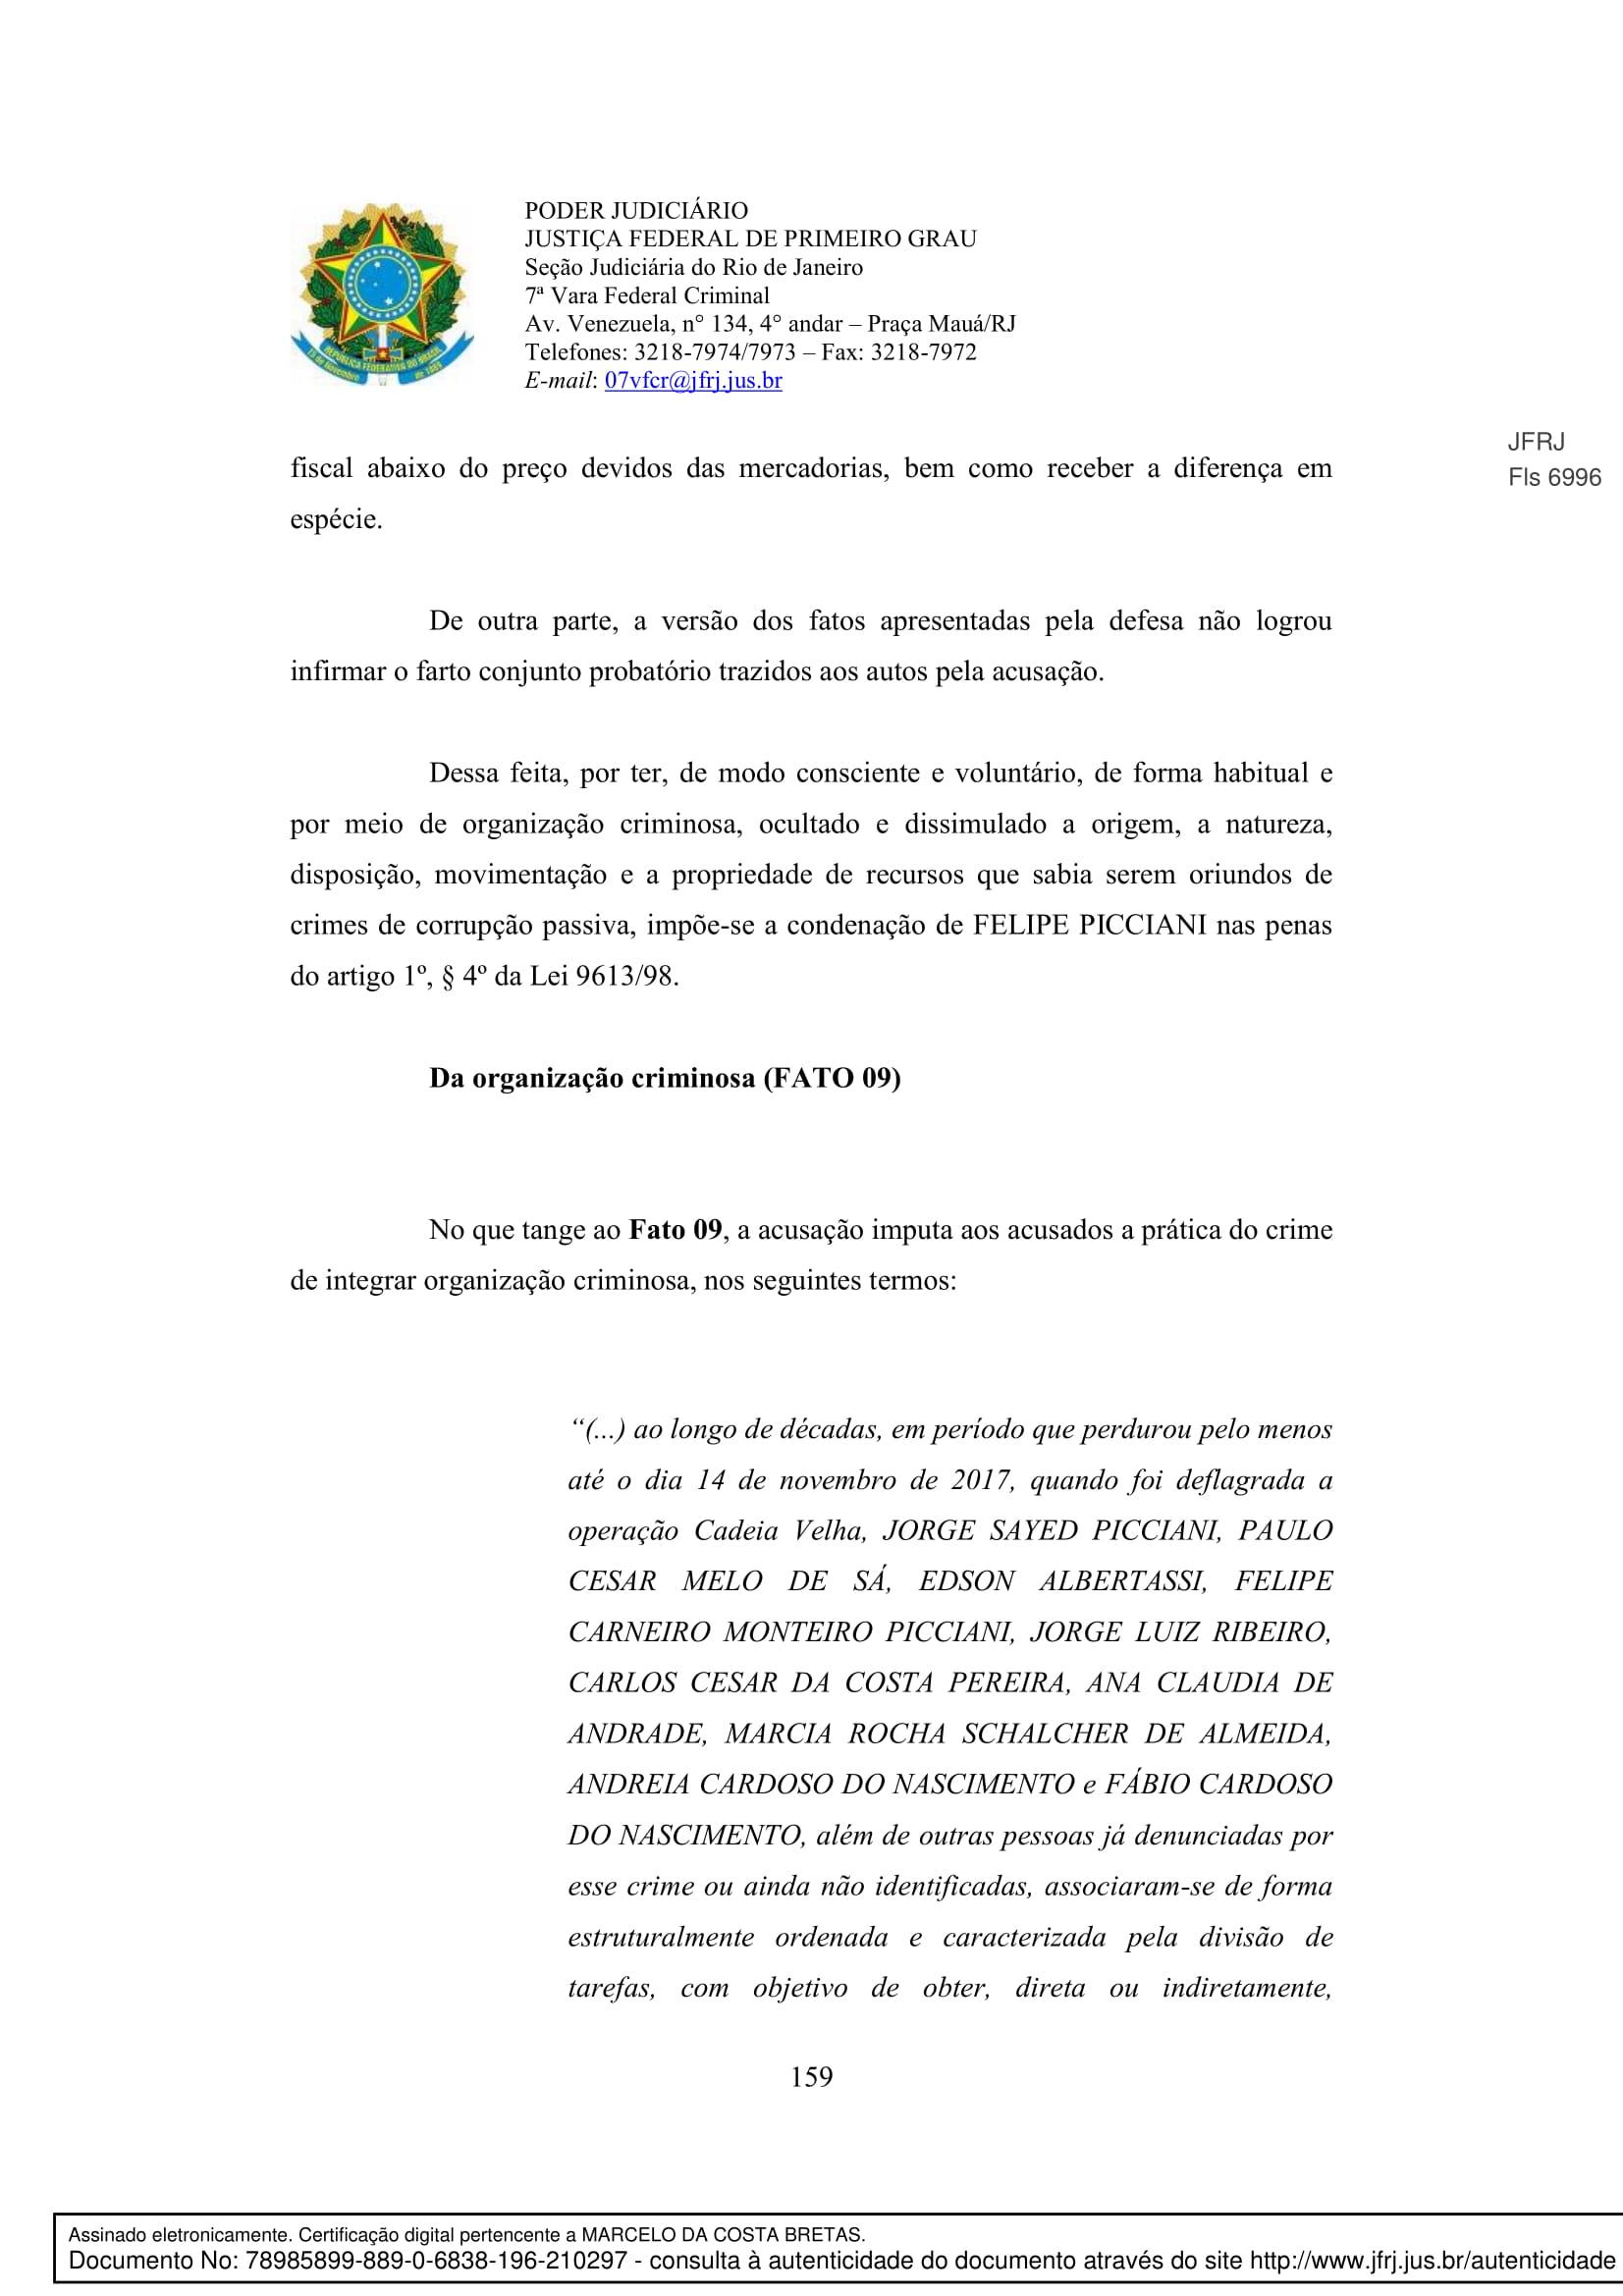 Sentenca-Cadeia-Velha-7VFC-159